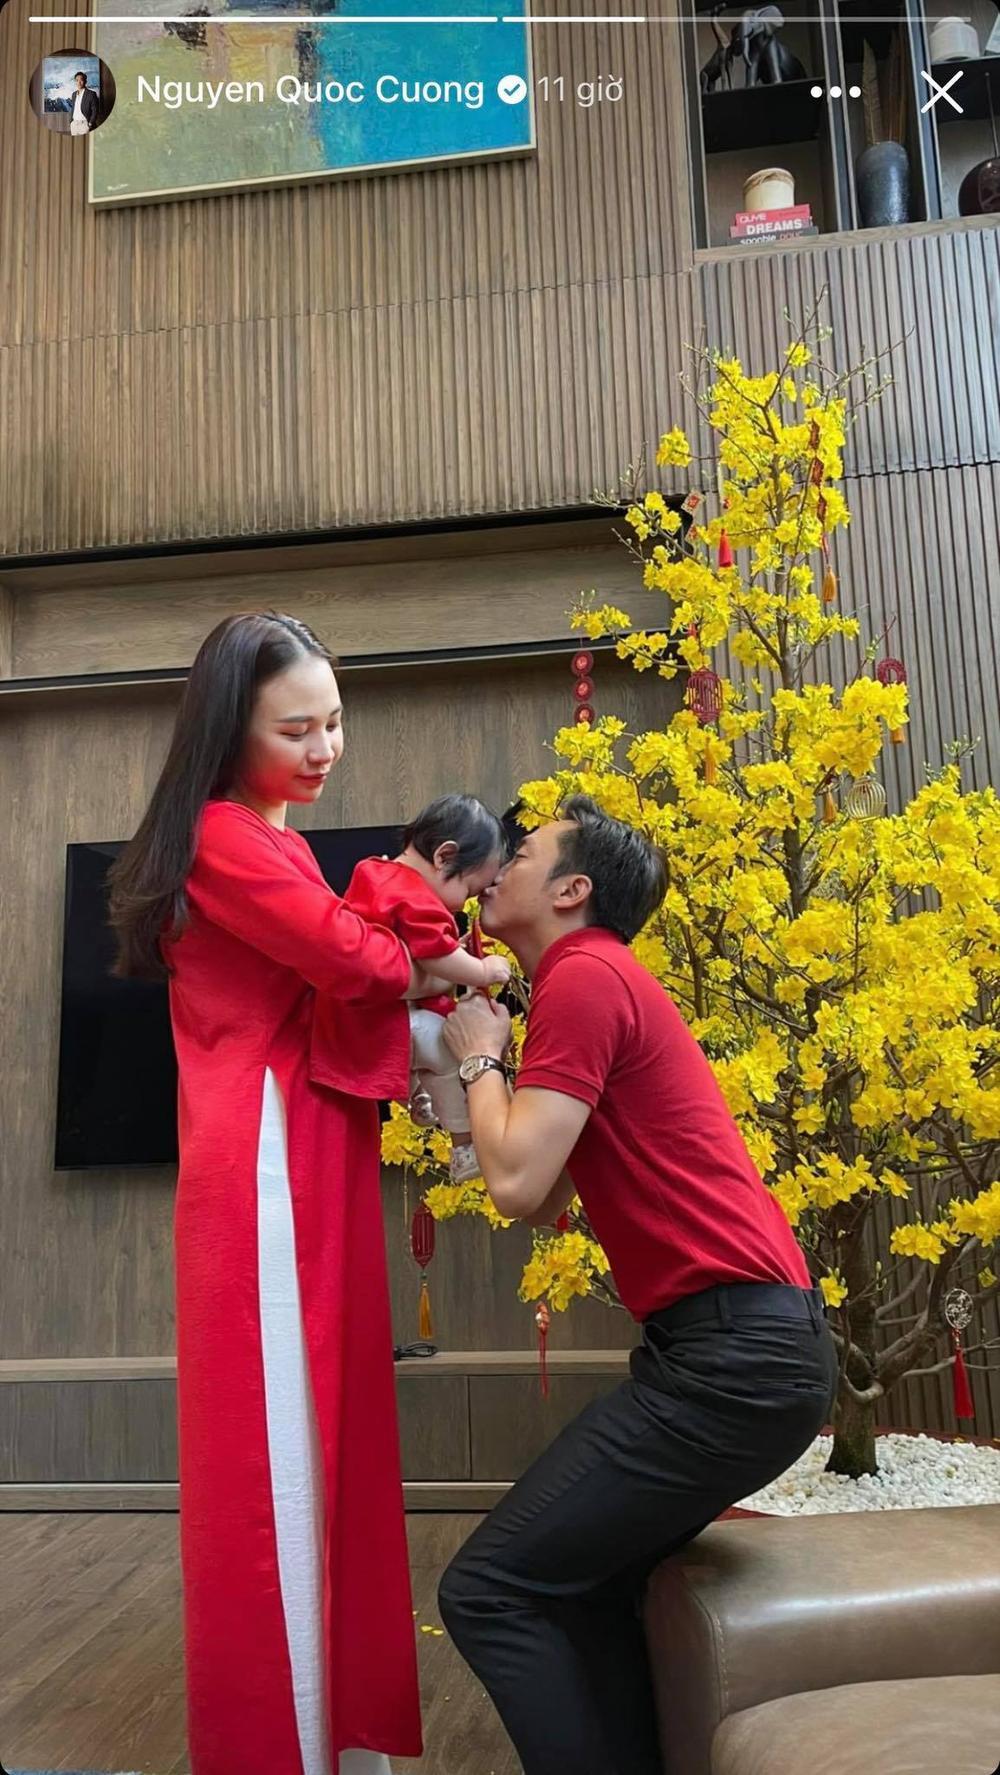 Nhóc tì nhà sao Việt diện áo dài ngày Tết: Cưng nhất hẳn là con gái Đông Nhi Ảnh 4